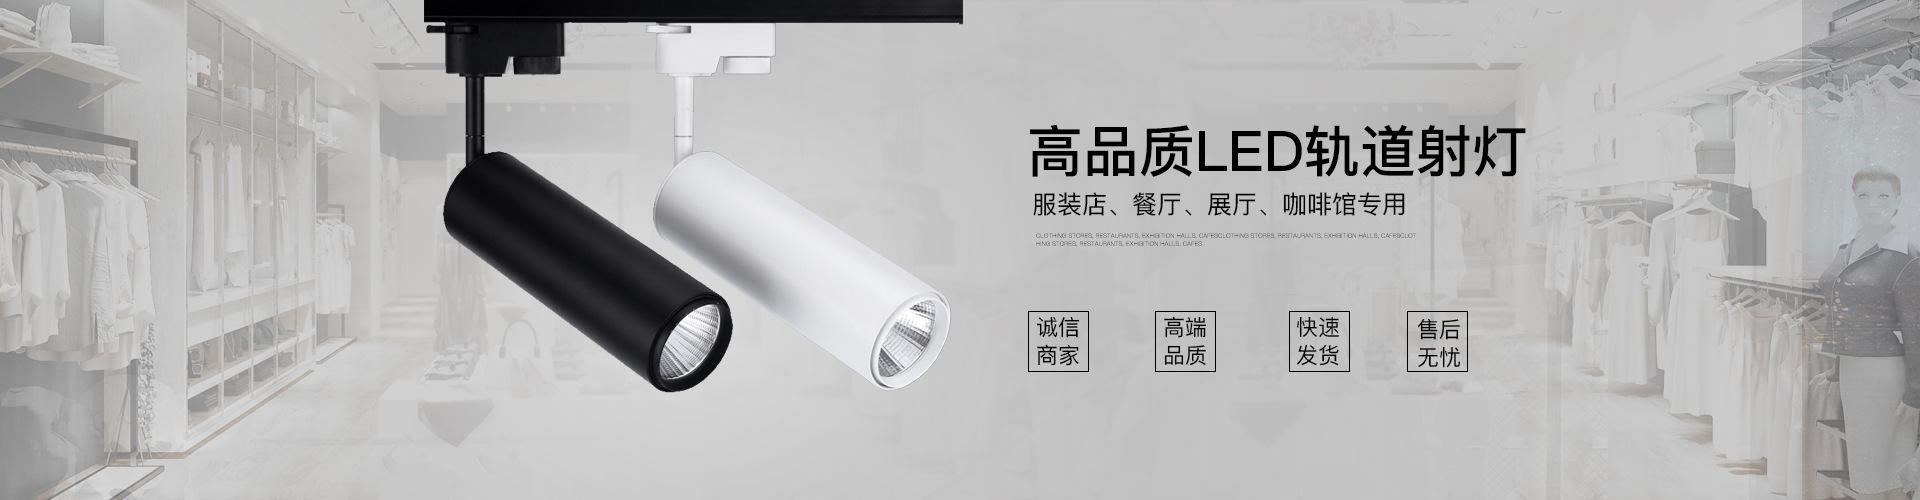 中山市睿创光电科技有限公司